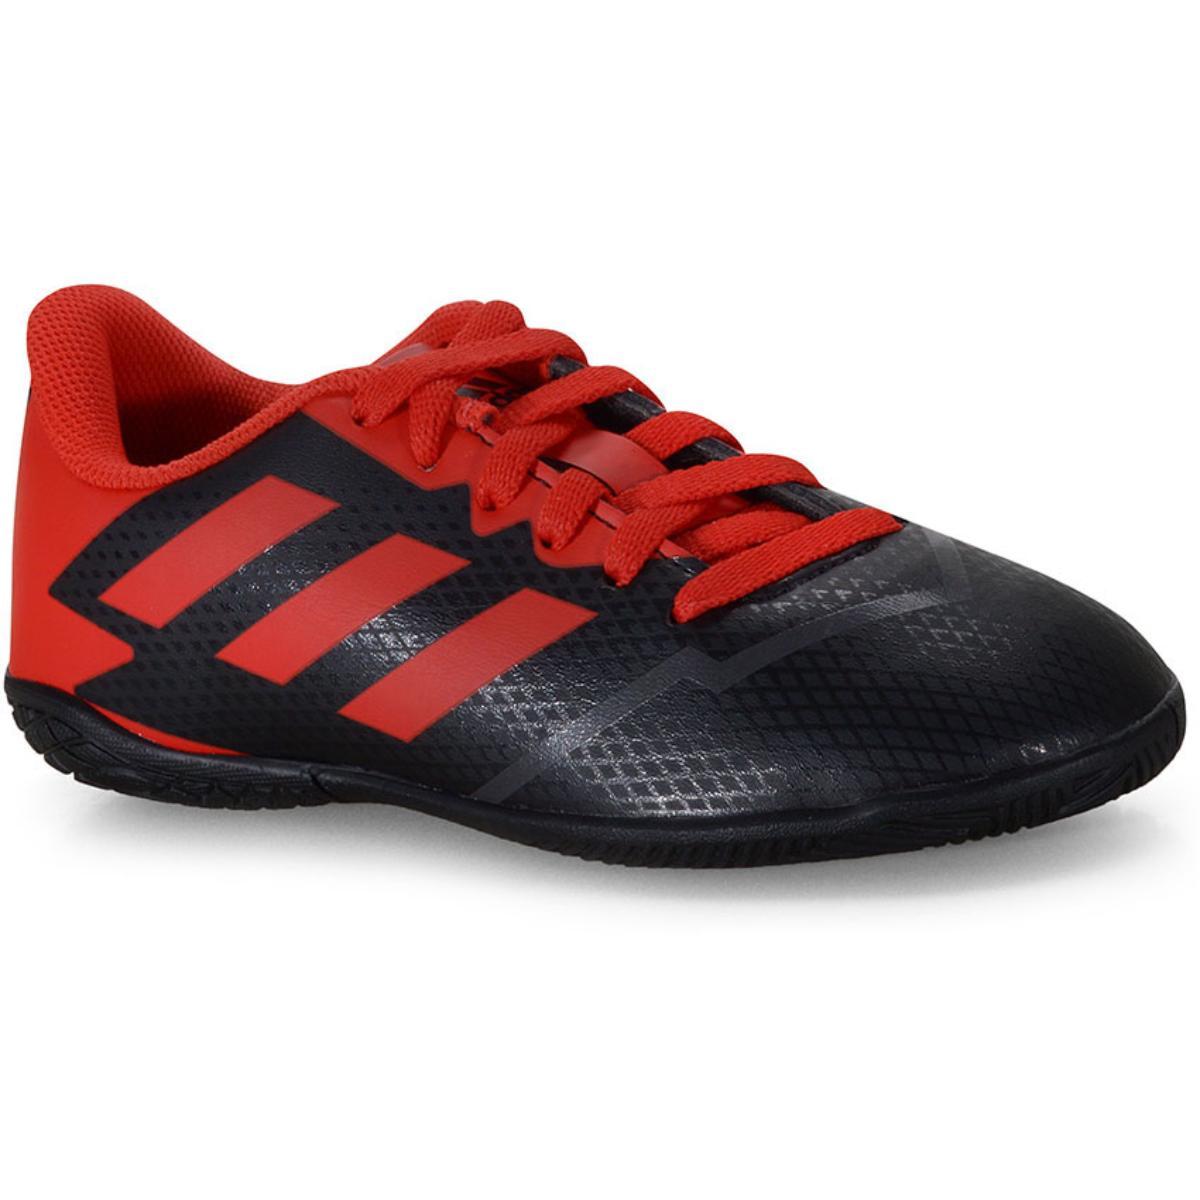 Tênis Masc Infantil Adidas Fv0879 Artilheira iv in jr Preto/vermelho